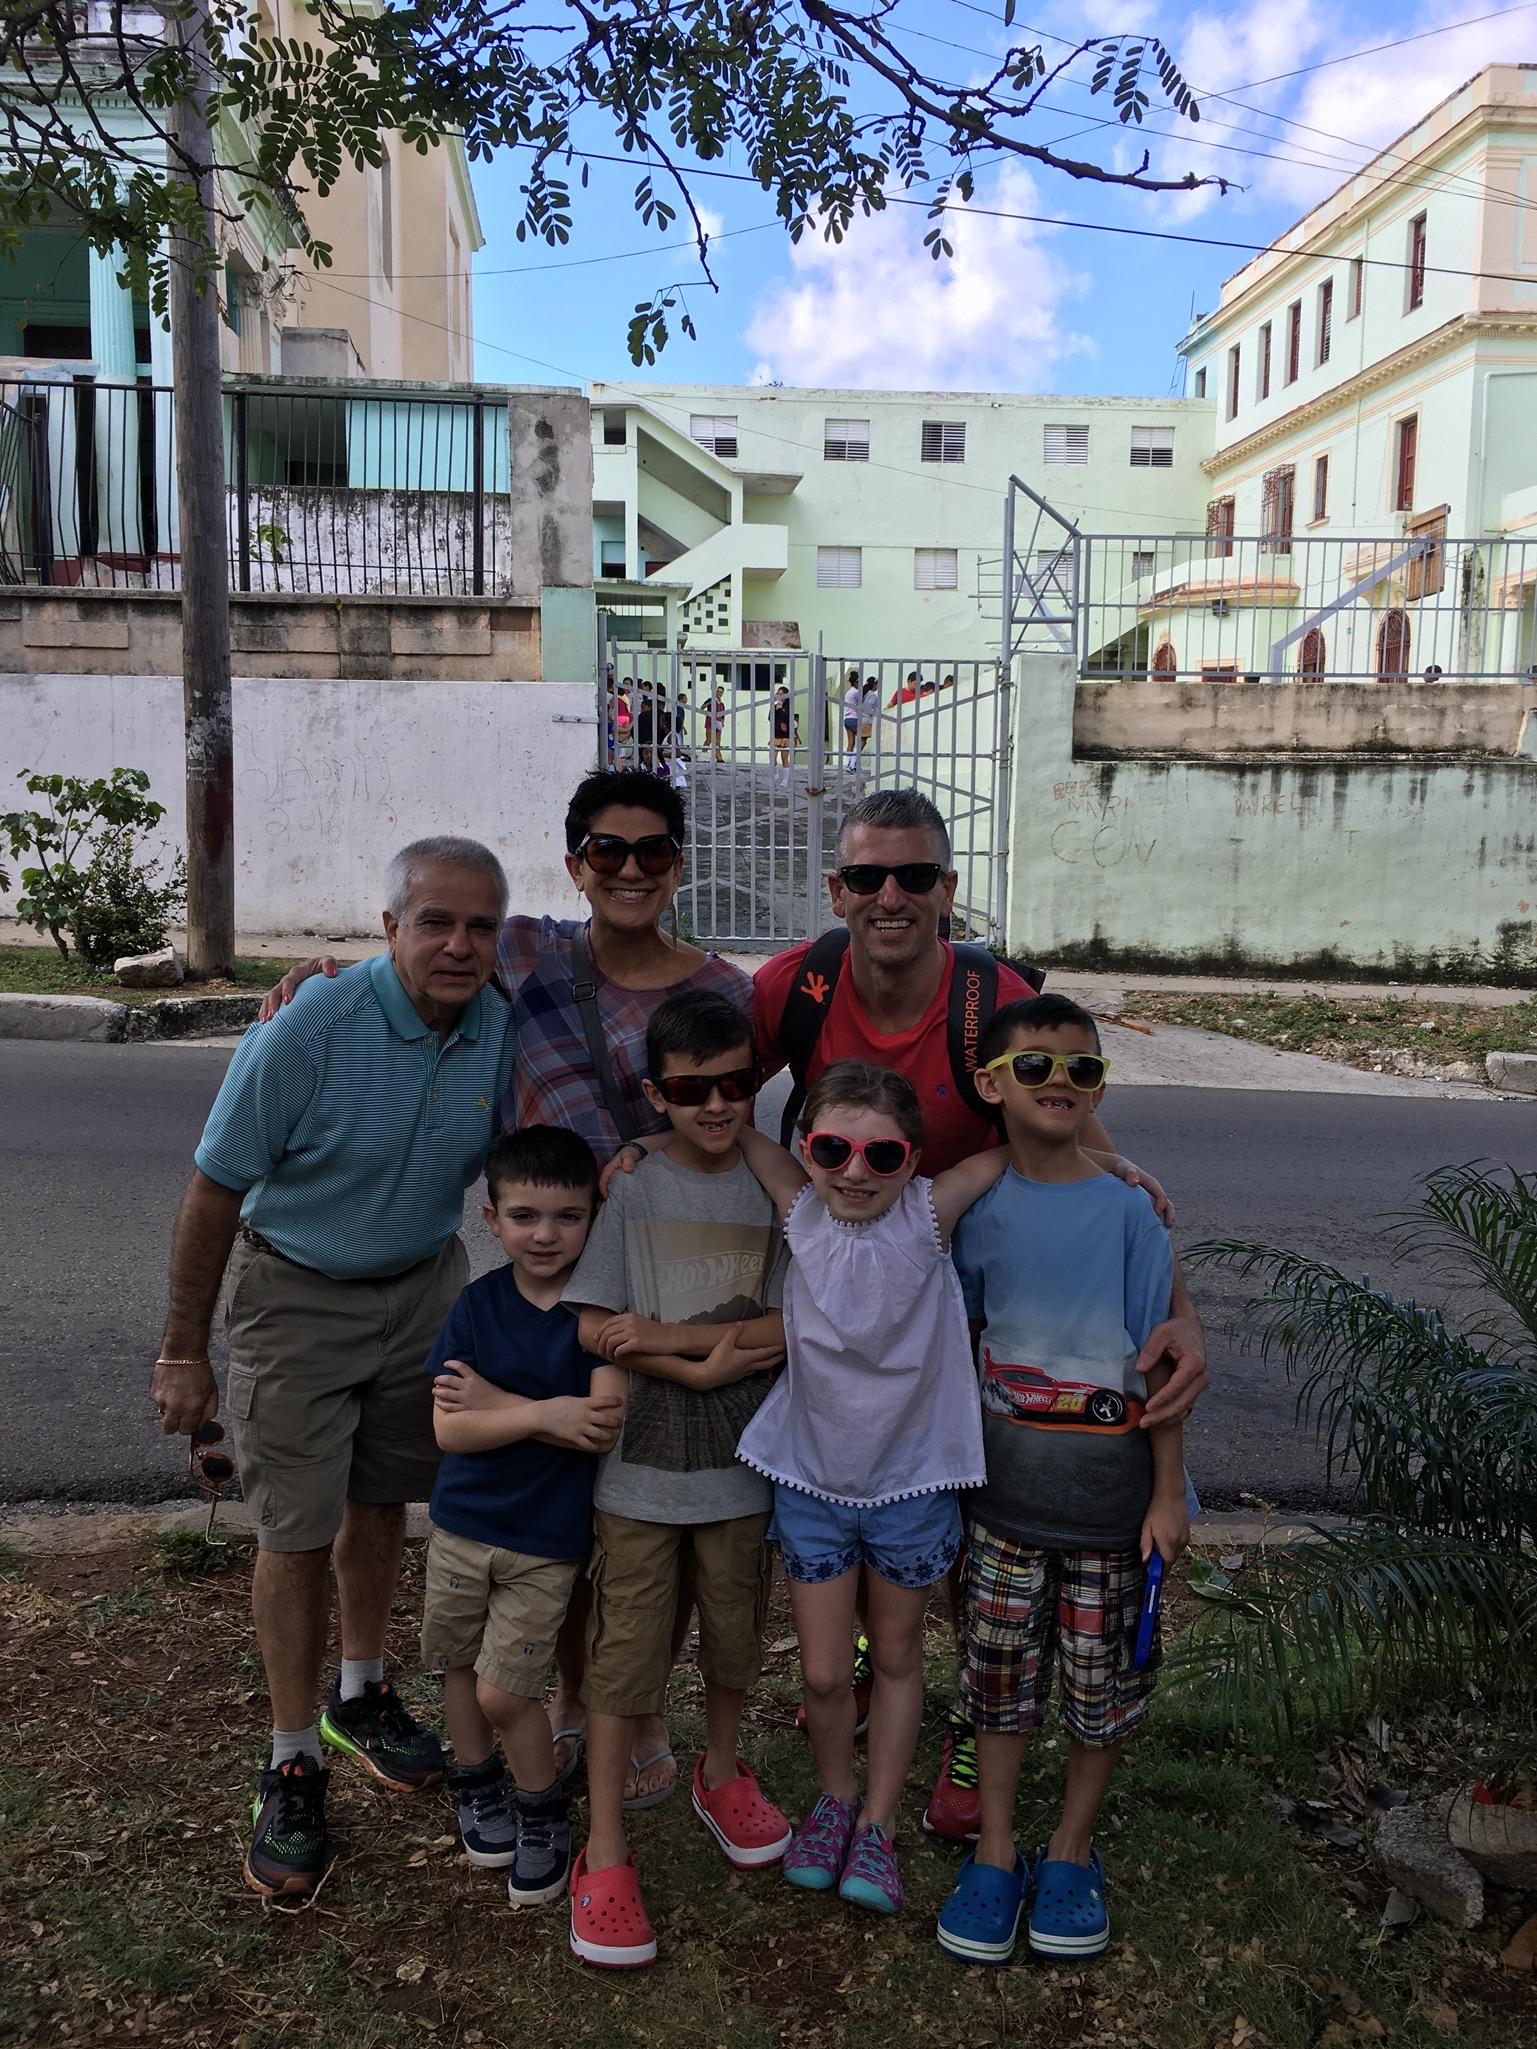 f1f1b953be1 5 Favorites From Cuba - VitaTrain4Life